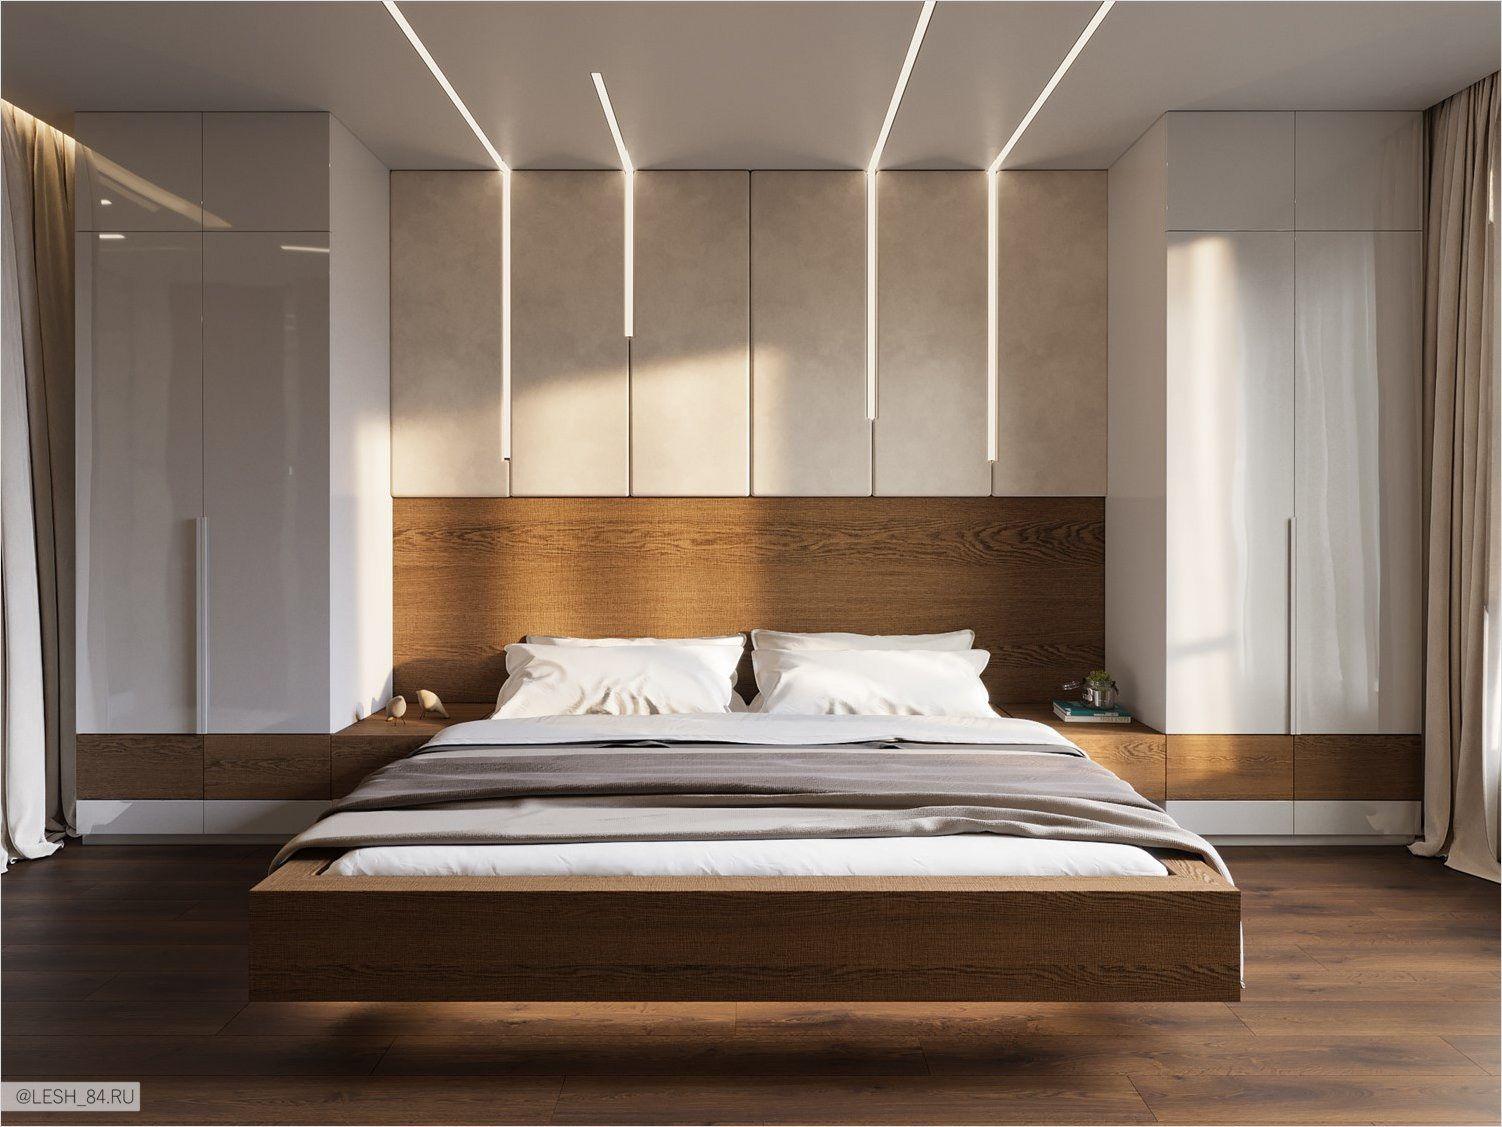 Best Riverside On Behance In 2020 Luxury Bedroom Design 640 x 480